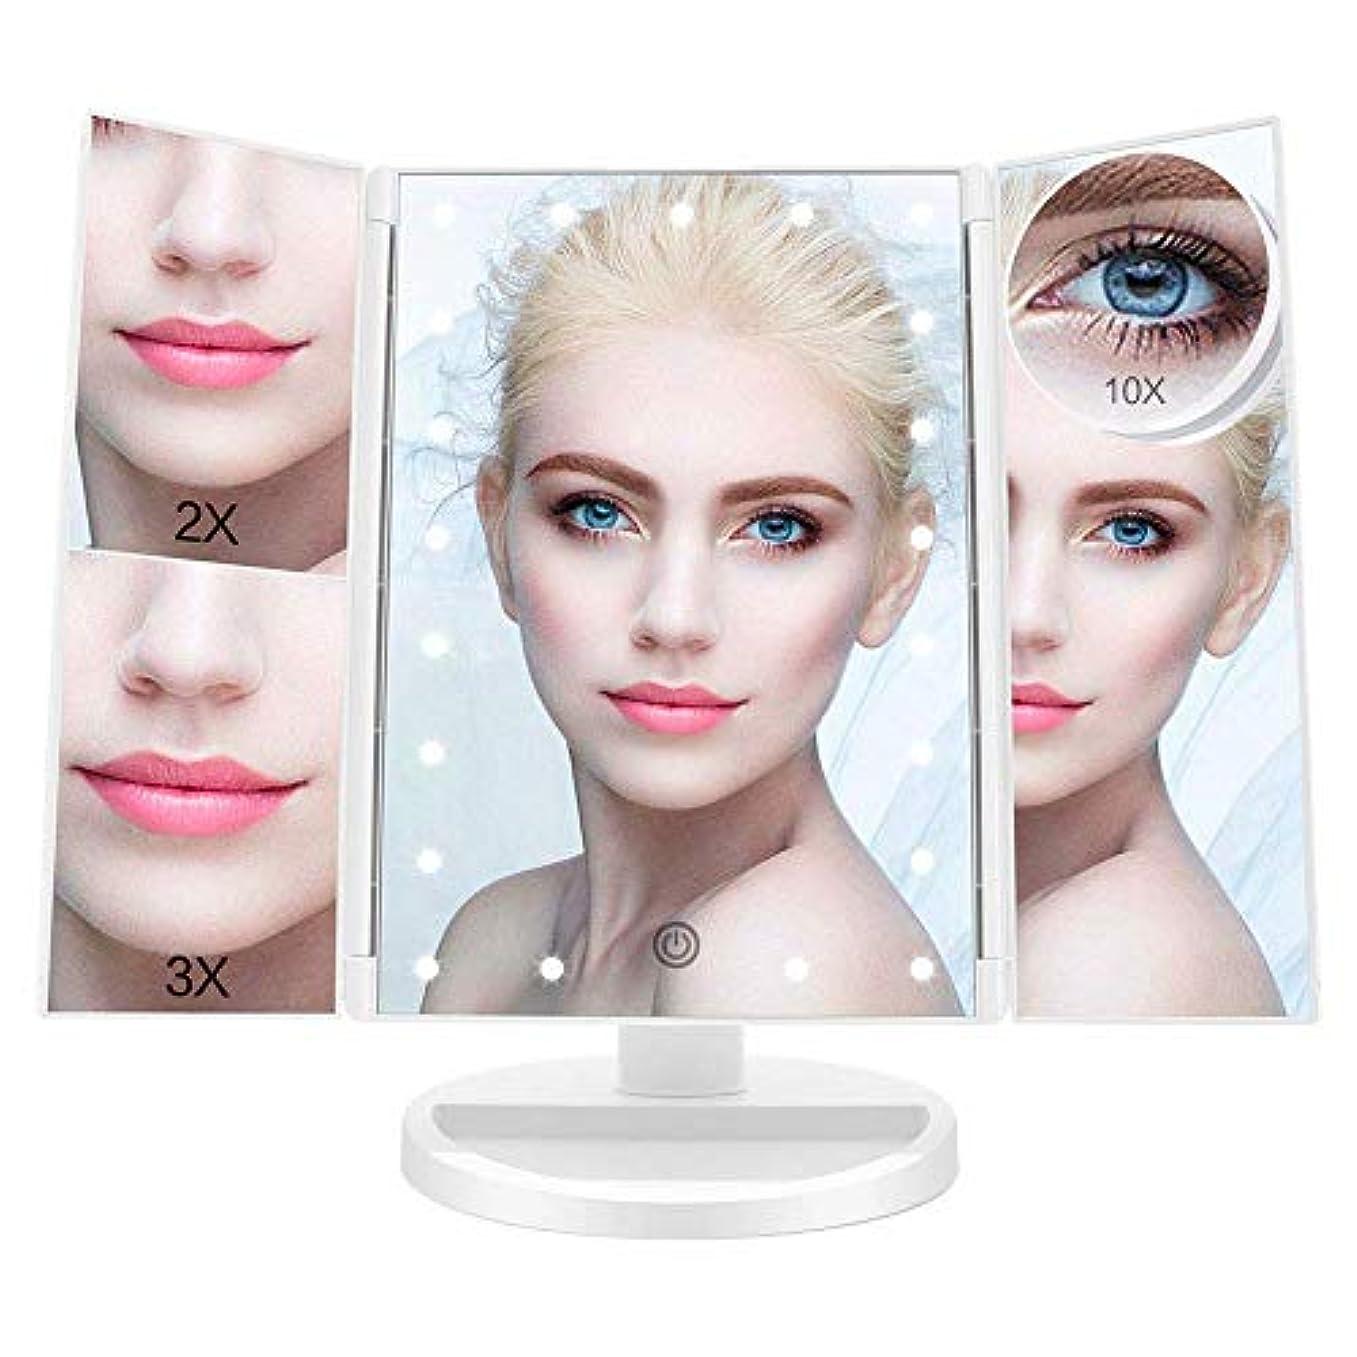 悔い改めキャスト会計士FASCINATE 化粧鏡 化粧ミラー 鏡 女優ミラー 拡大鏡 2&3&10倍 明るさ調節可能 USB電池給電 (ホワイト)